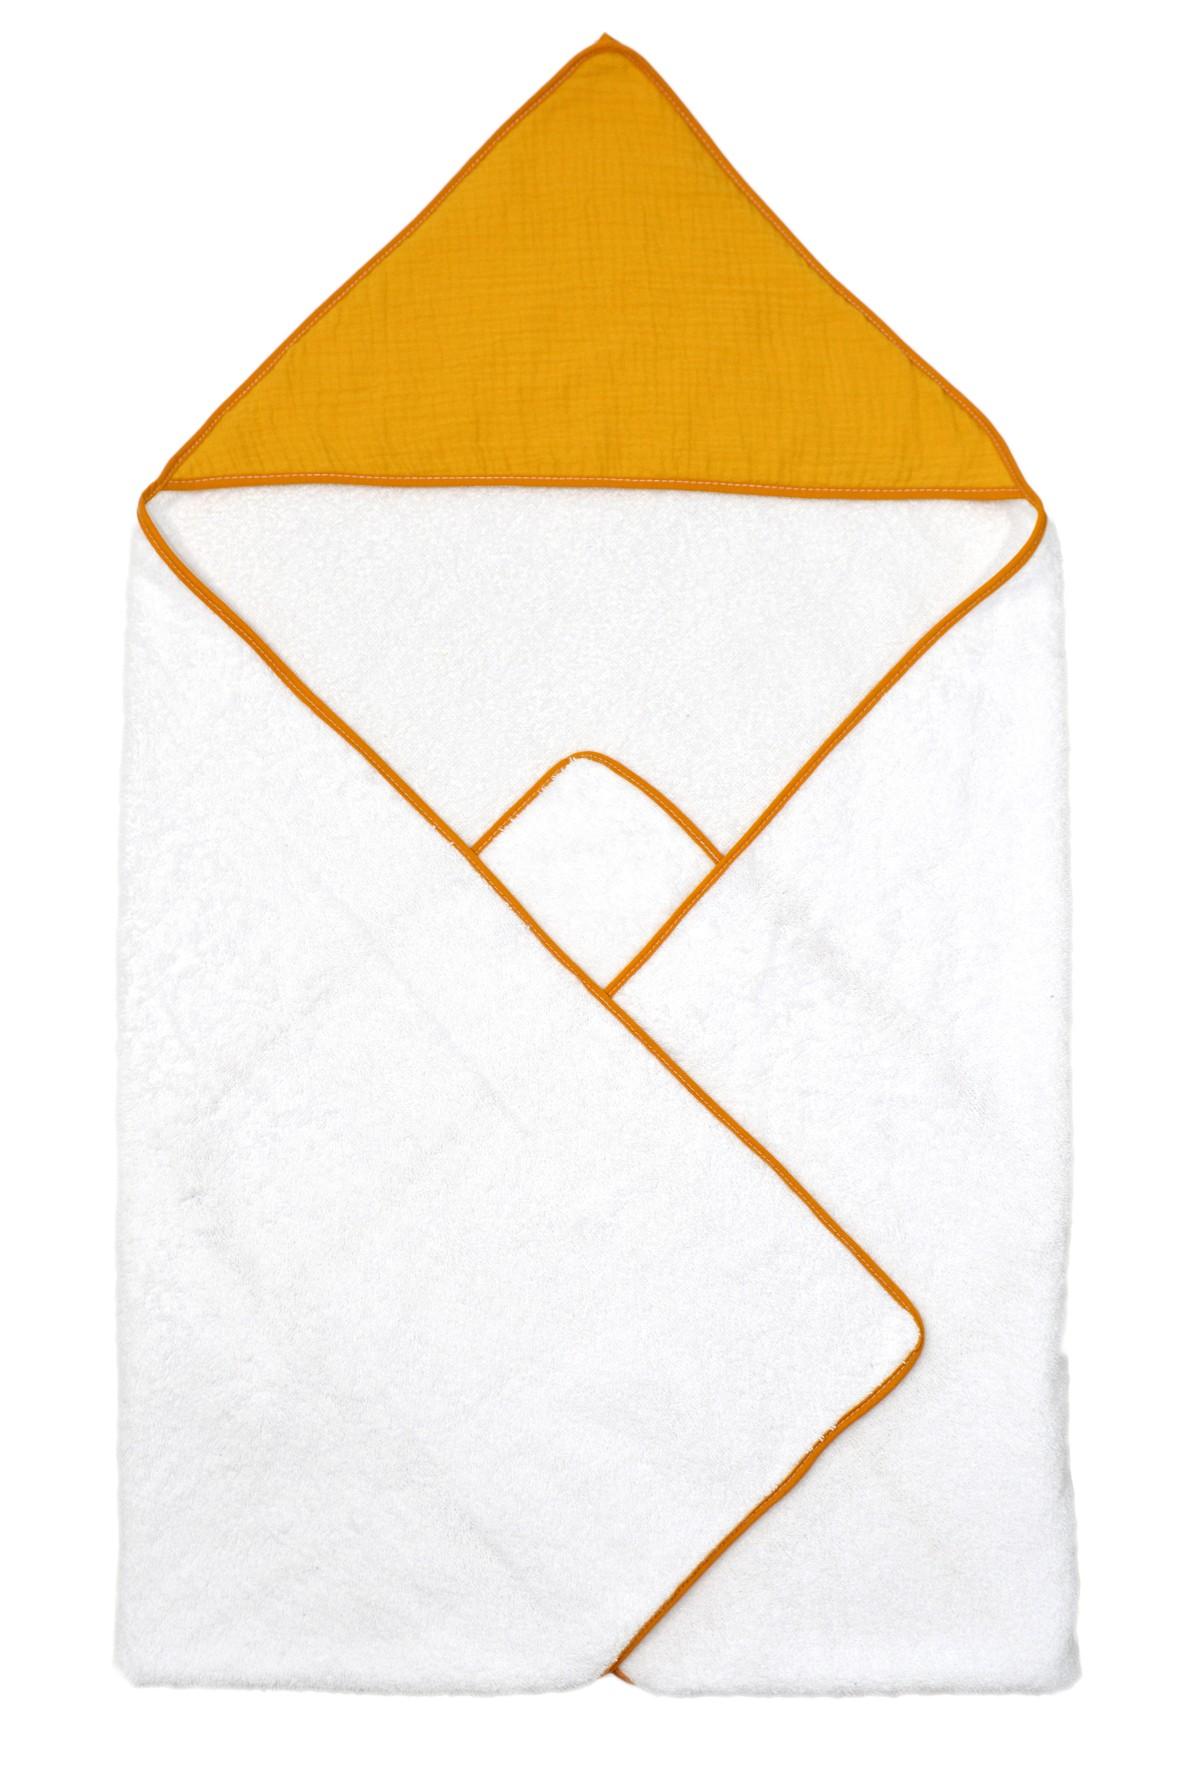 Okrycie kąpielowe dla dziecka 100x100cm - biało-żółte